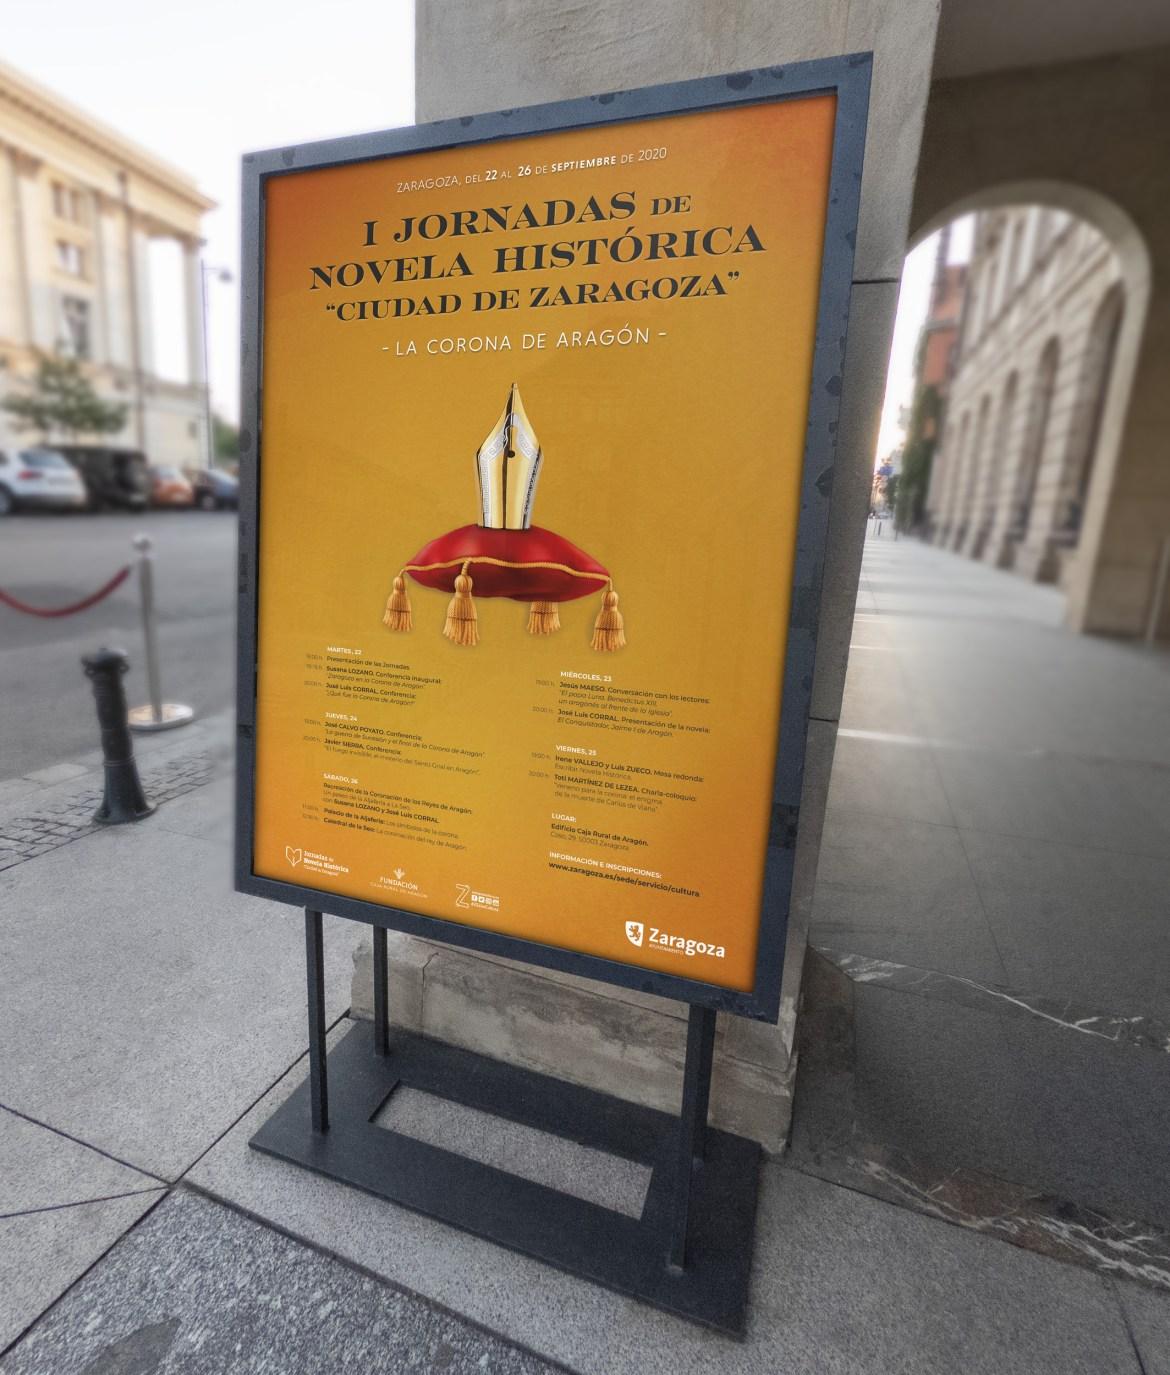 Diseño del cartel para las I Jornadas de Novela Histórica Ciudad de Zaragoza